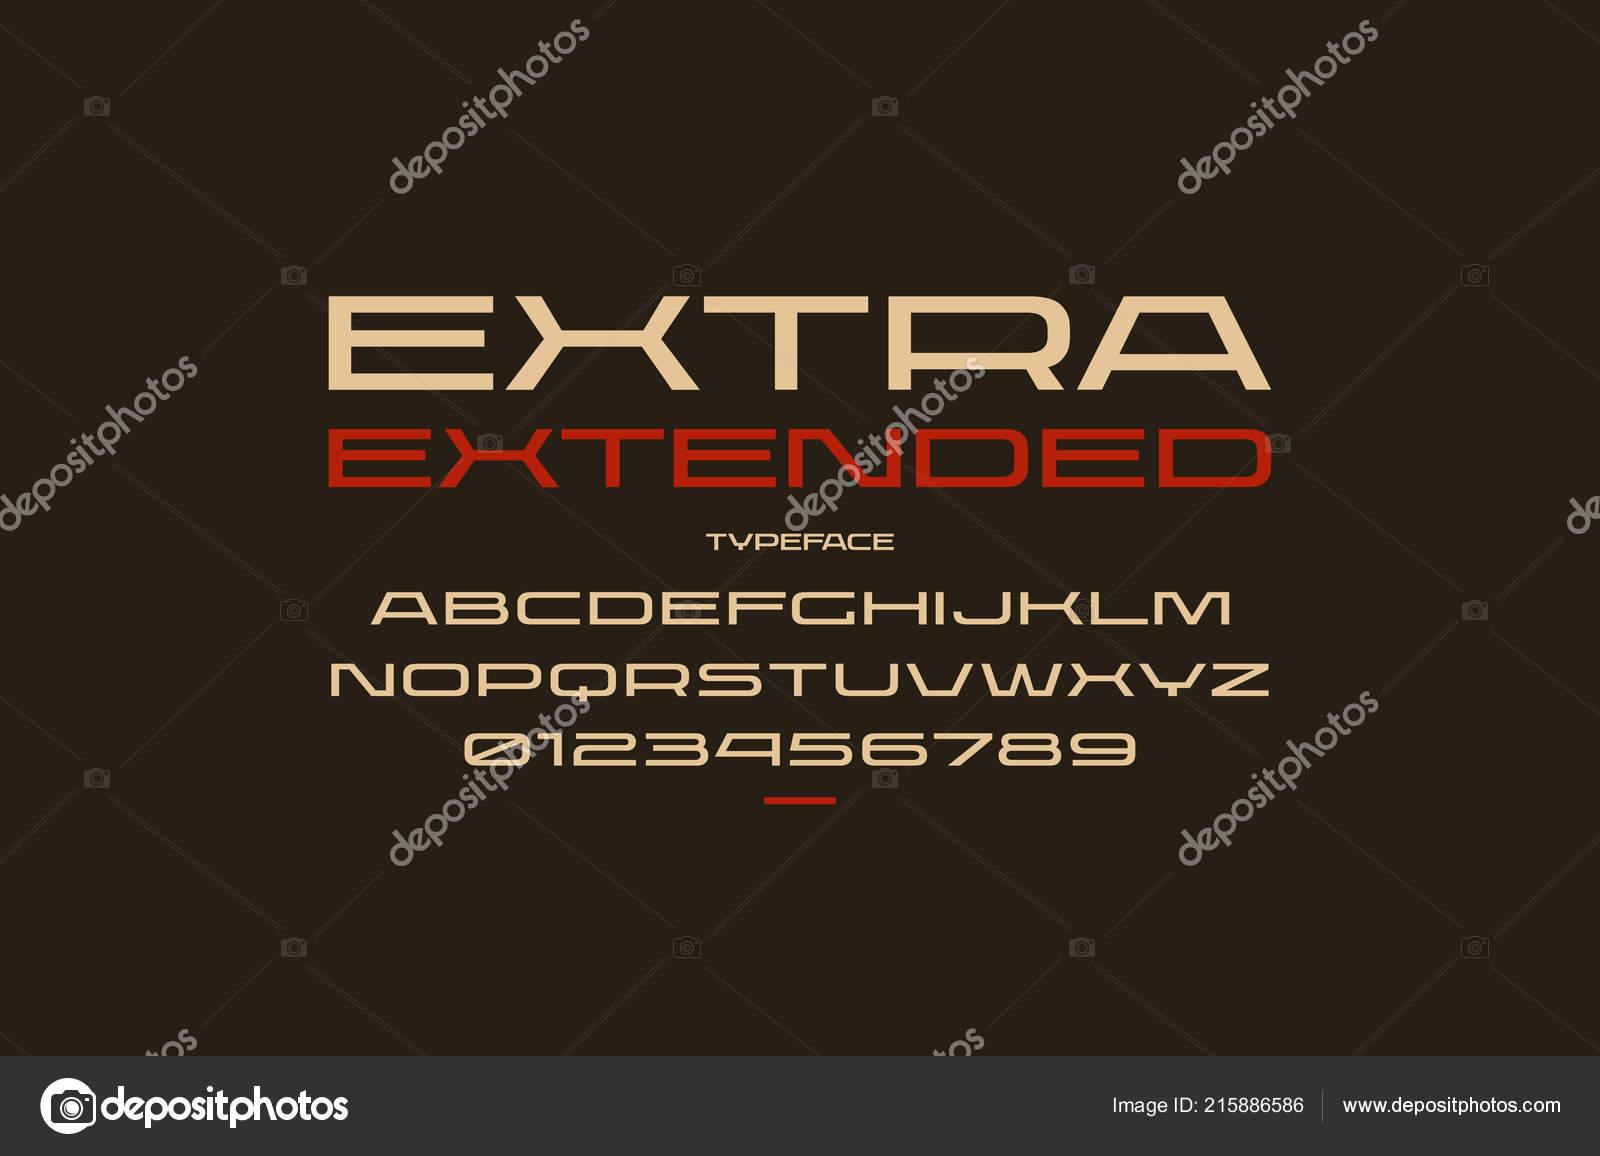 af3414ceb Fonte de ultra expandido sans serif em estilo esporte. Letras e números  para o design de logotipo e o emblema. Cor de impressão em fundo preto —  Vetor de ...